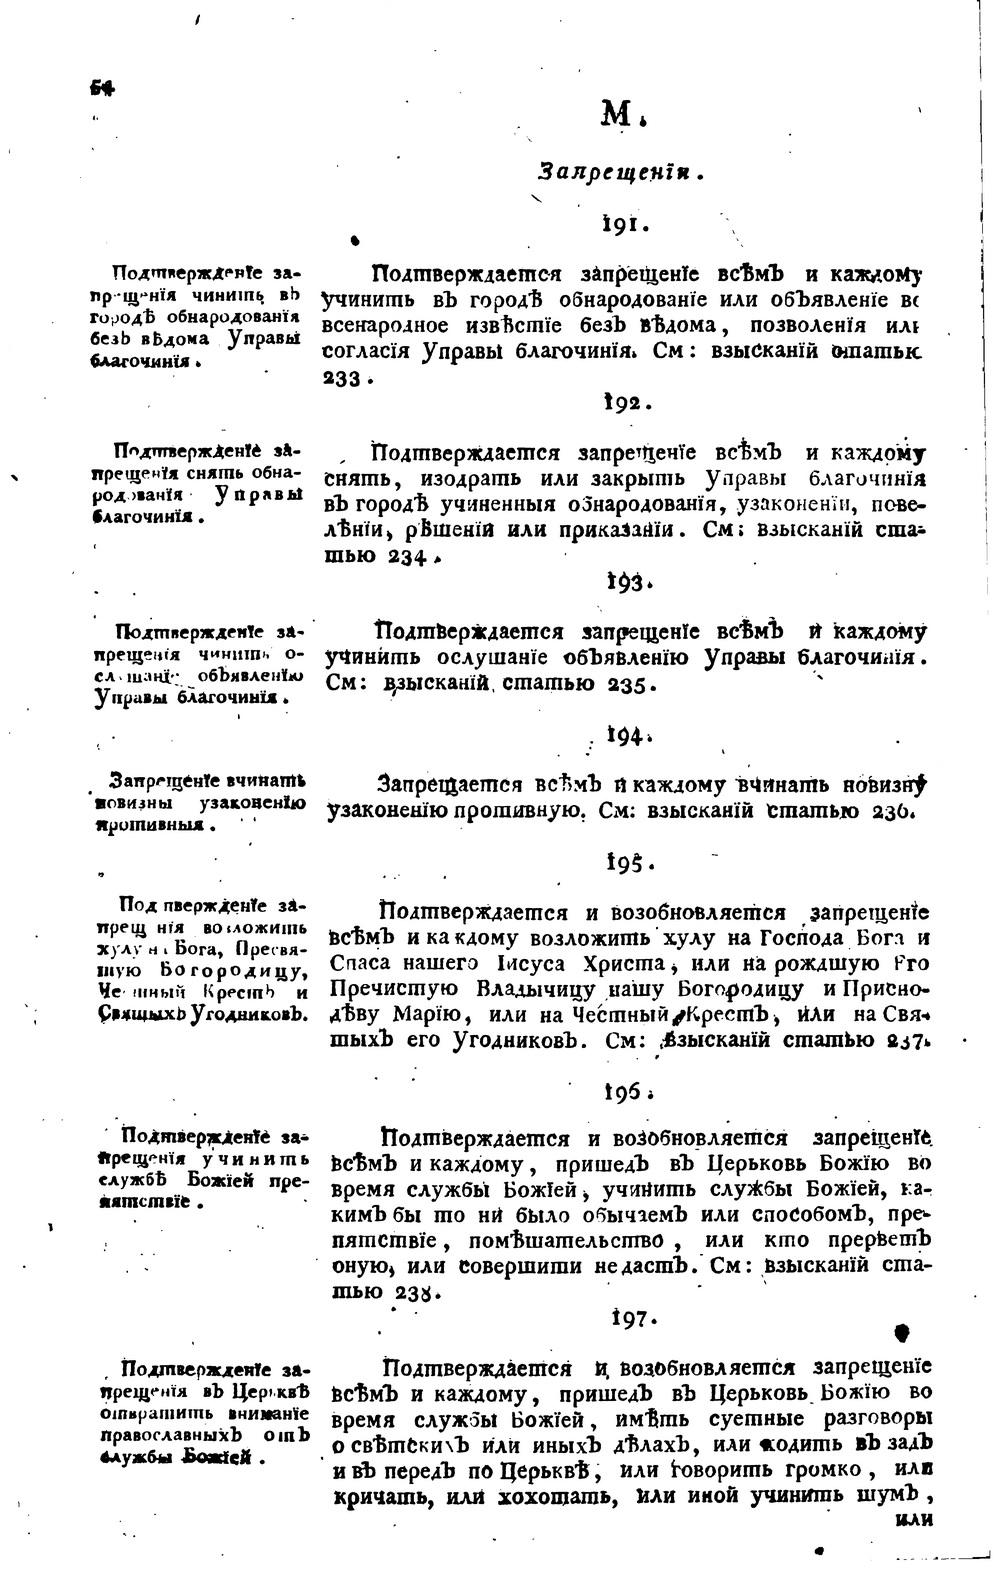 http://i5.imageban.ru/out/2013/12/23/e879a8e947c6ded2981148da112e2752.jpg